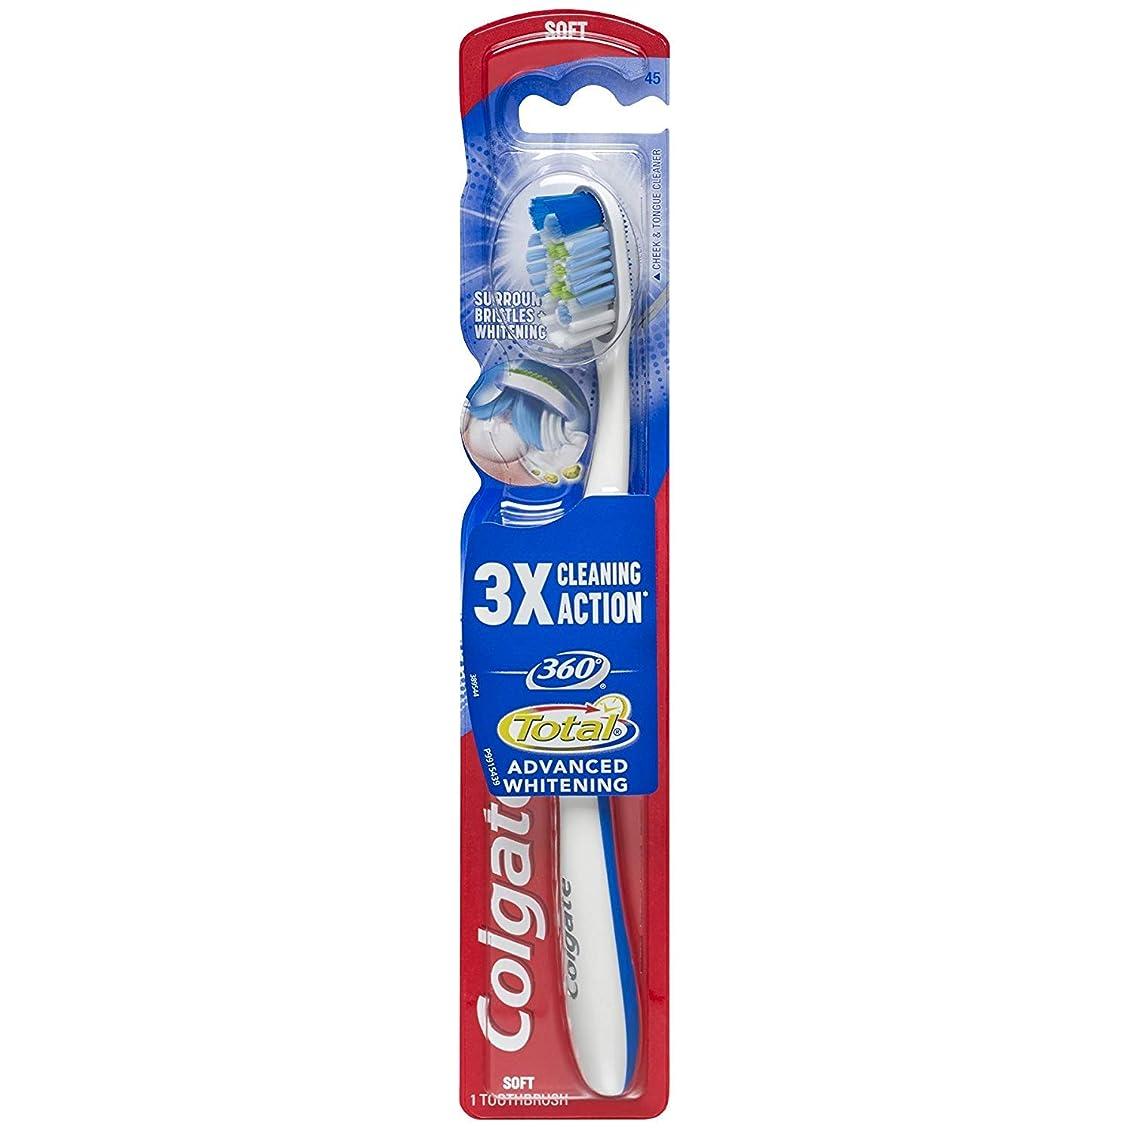 ピルファー減衰抑制Colgate 360合計アドバンスト完全な頭部歯ブラシ、ソフト(5パック)